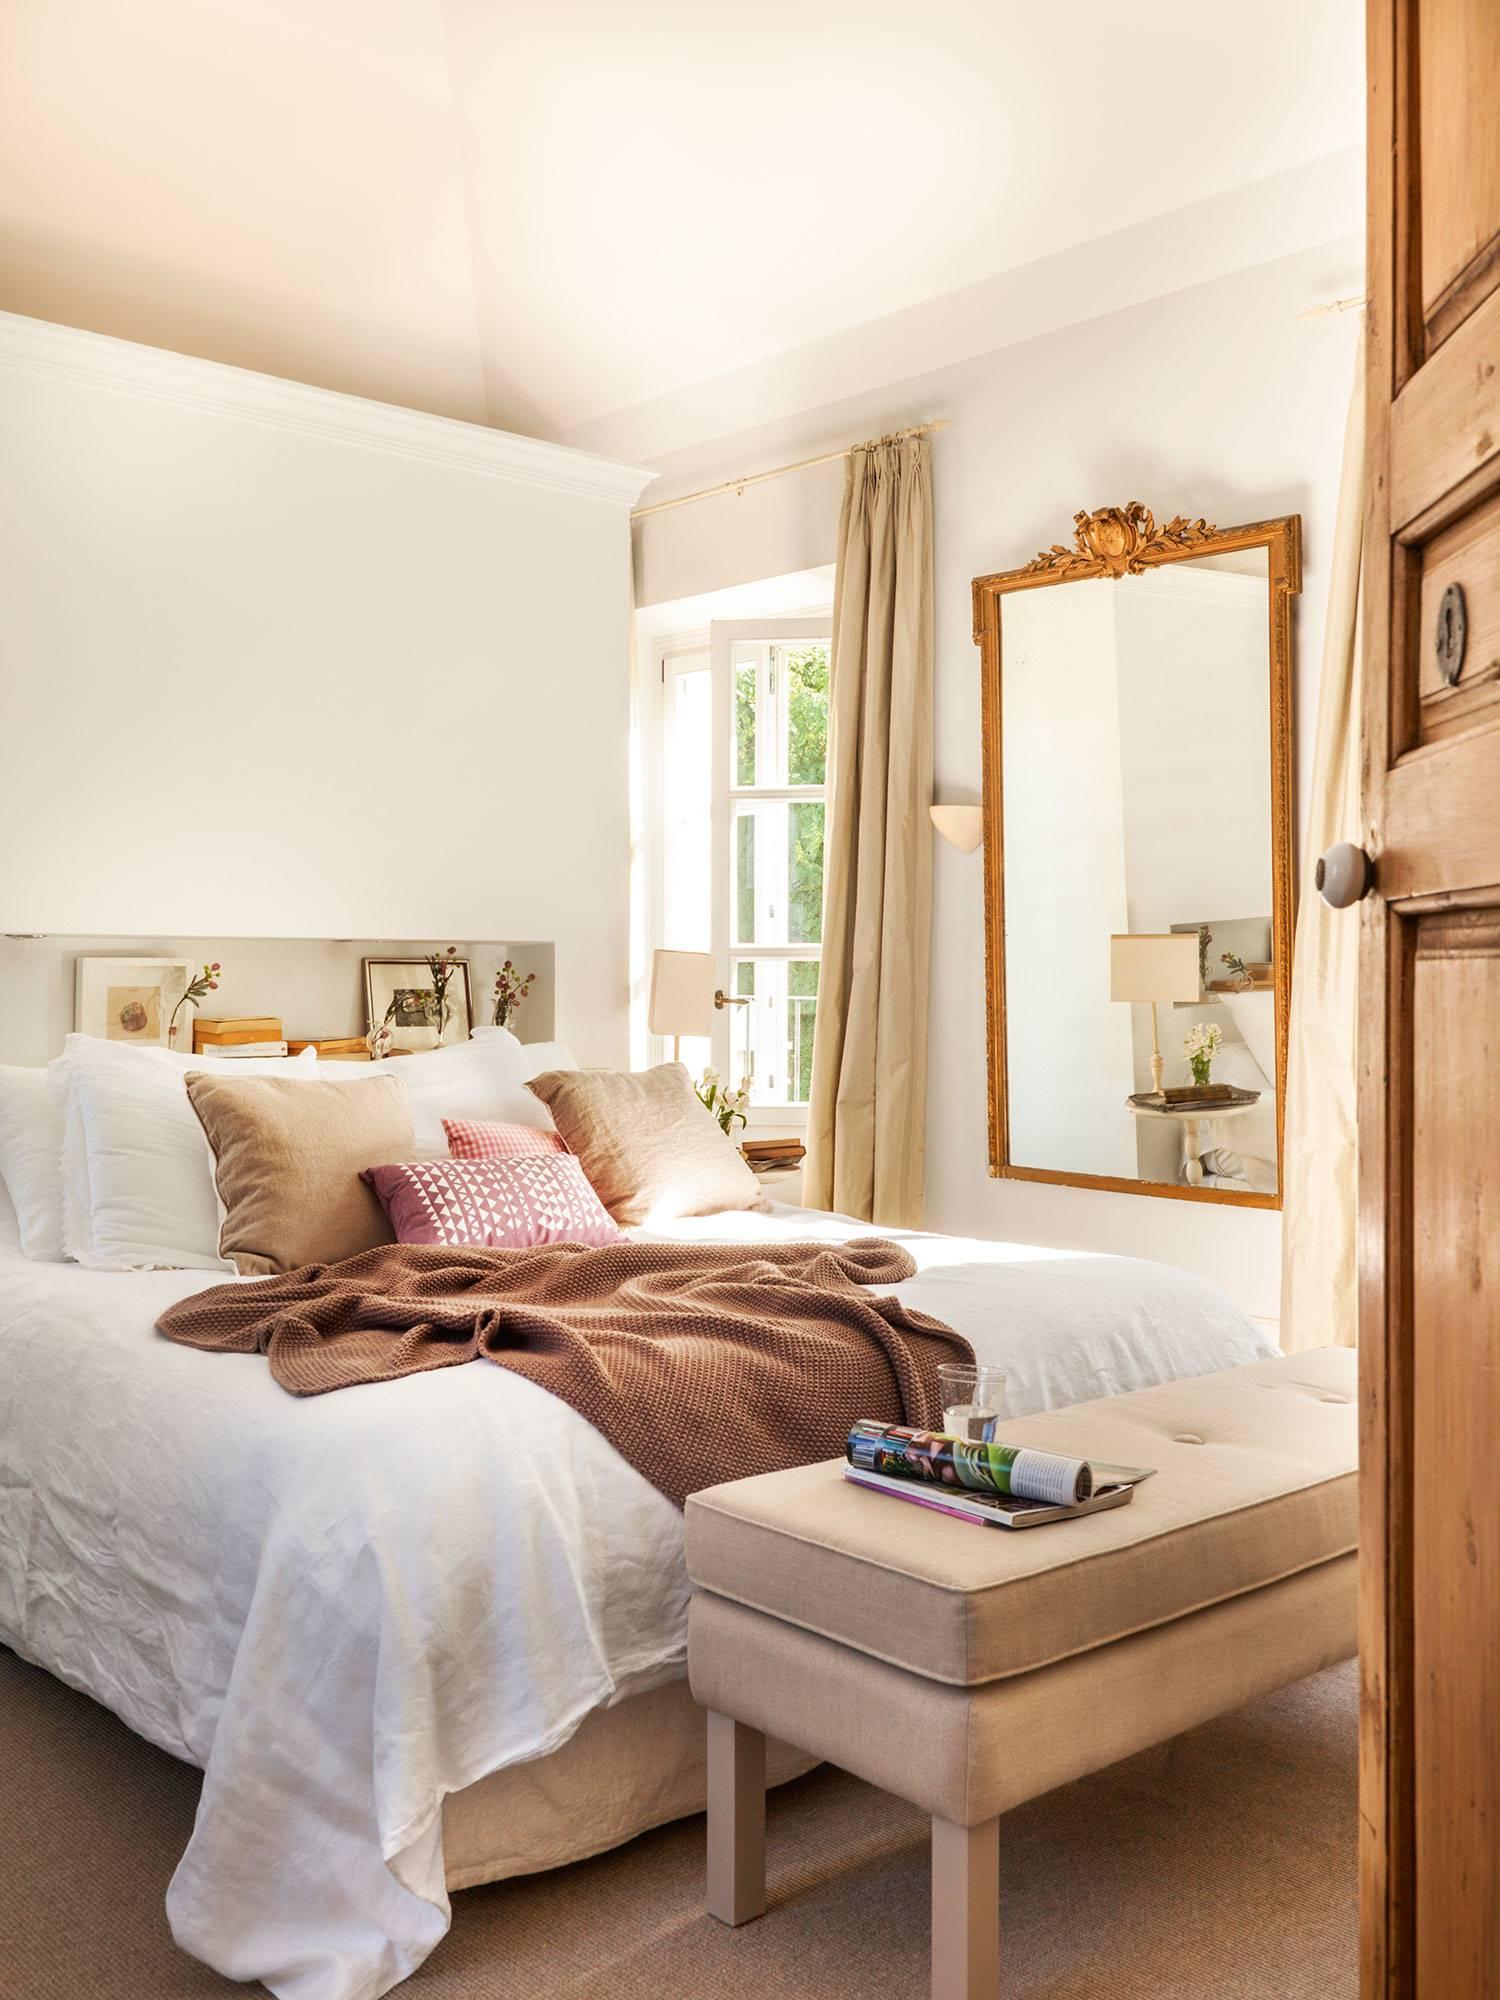 dormitorio-en-blanco-con-murete-separador-a-modo-de-cabecero f2531d70. Romántico chic